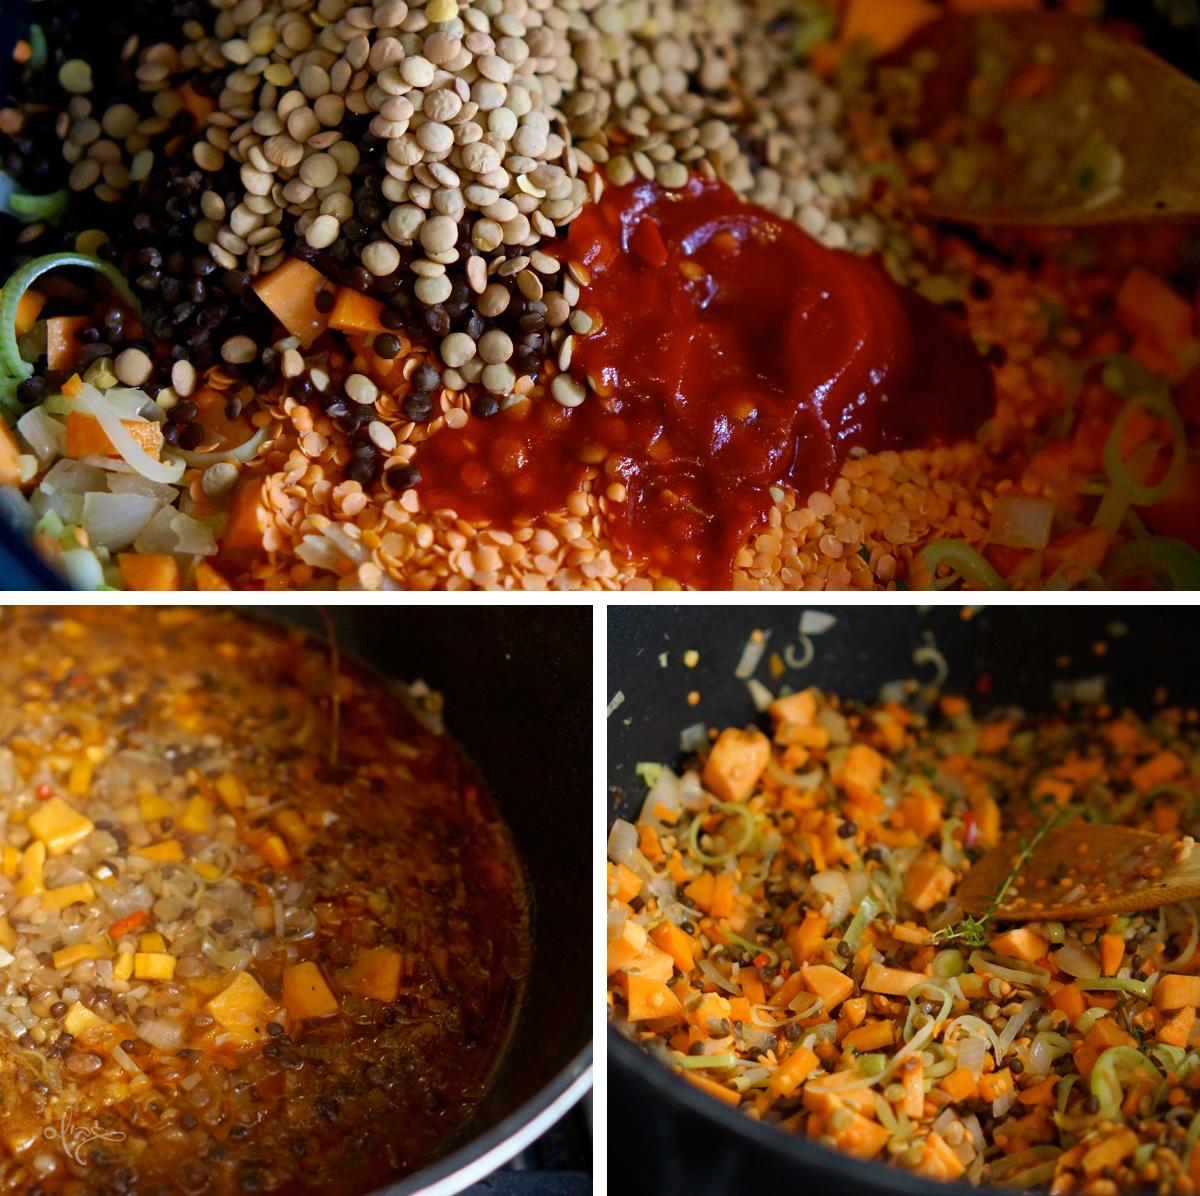 שלבי הכנת המרק: עדשים וכף רסק עגבניות, מים ותבלינים: סוכר, מלח, פלפל שחור, ג'ינג'ר. עלי הבקצ'וי או המנגולד.